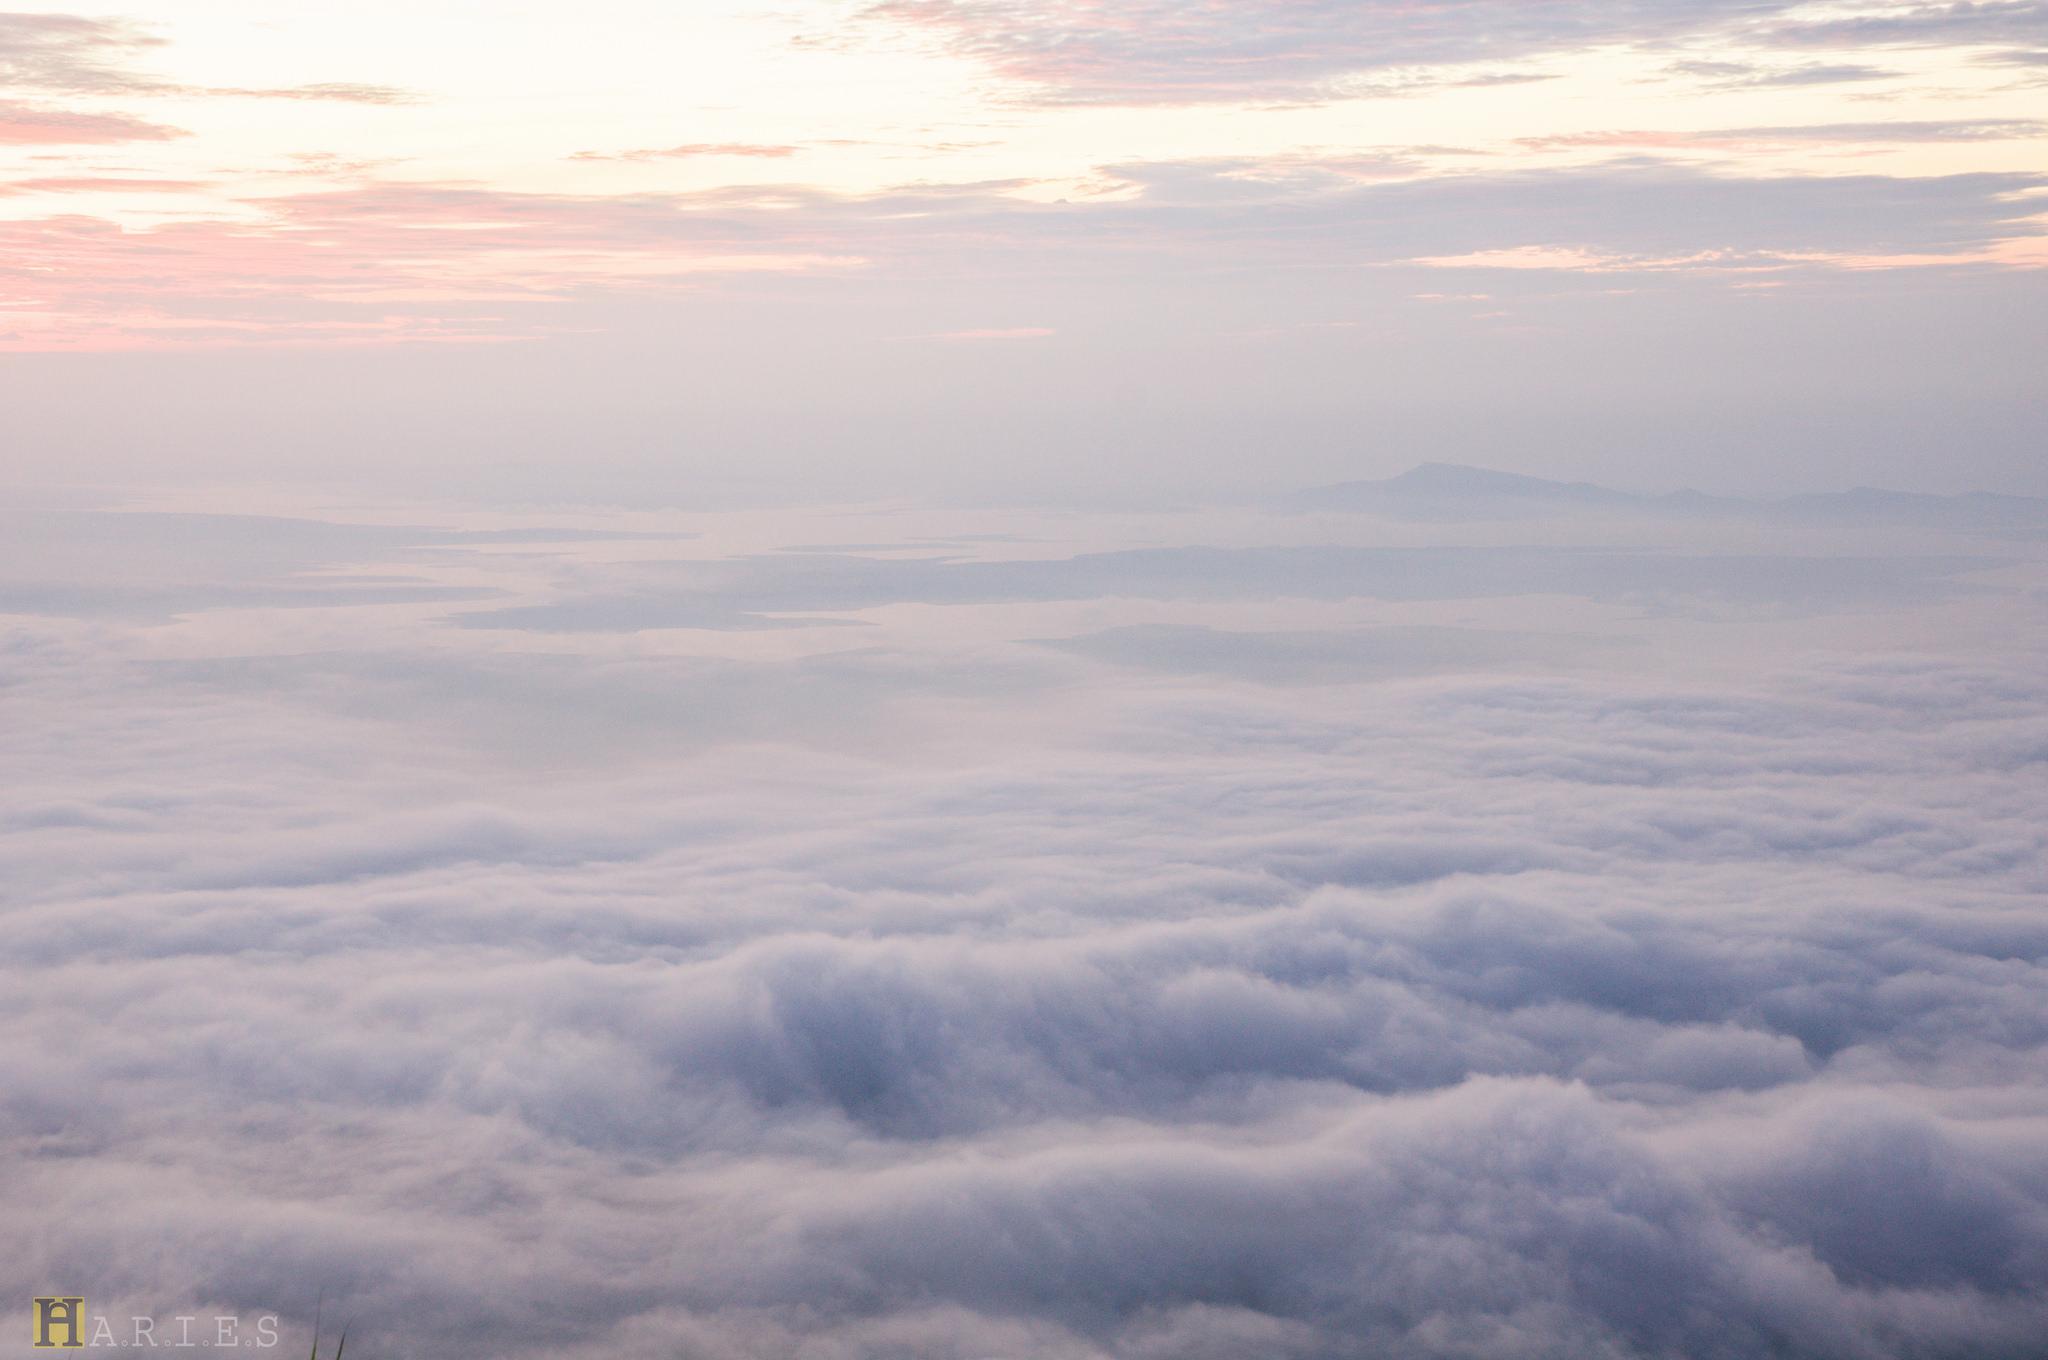 săn mây 2 - phượt núi Bà Đen